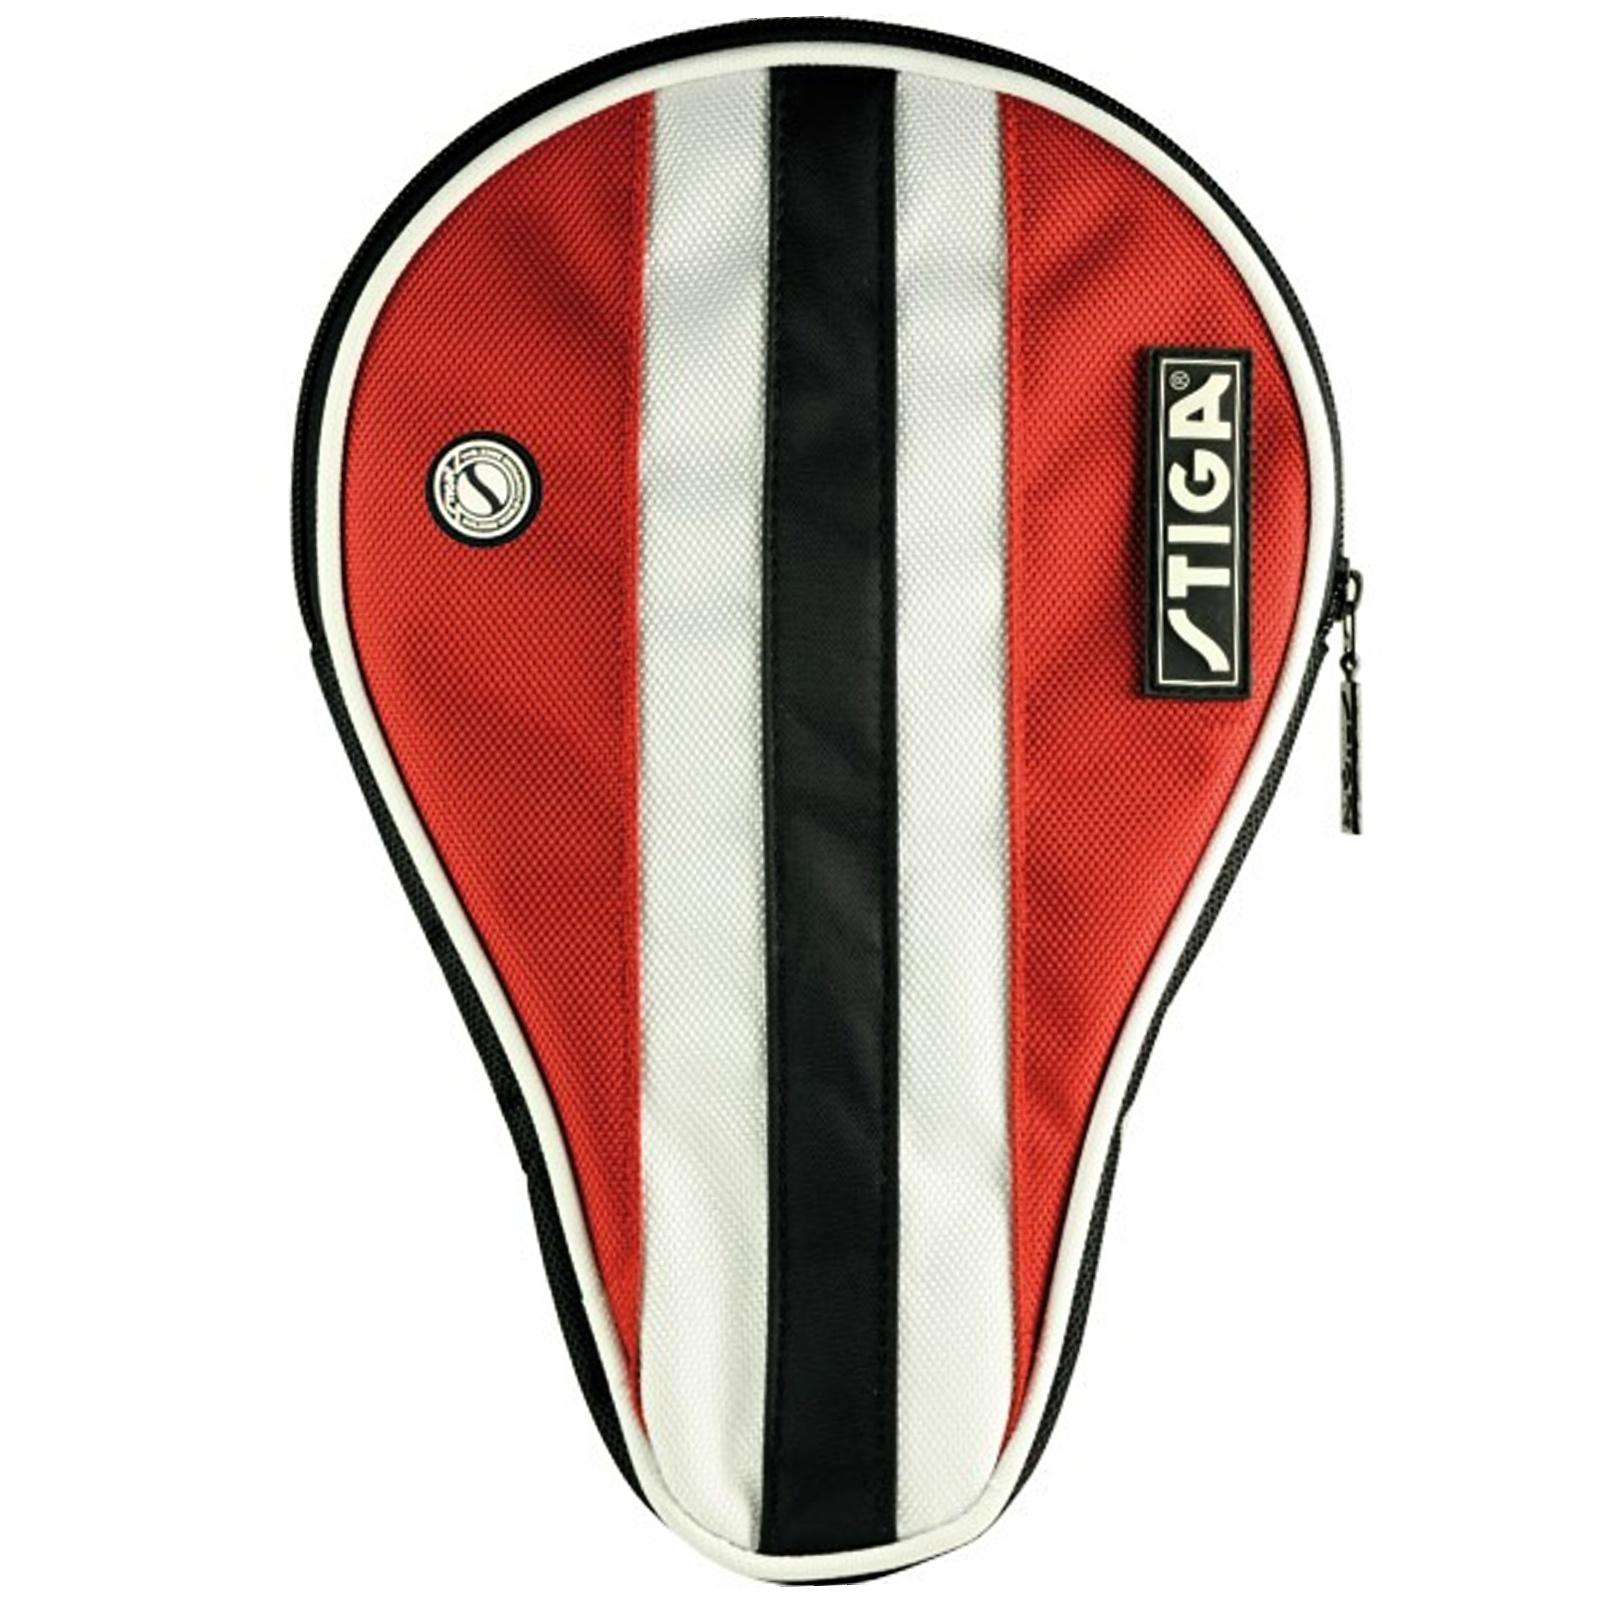 Obal na pálku na stolní tenis STIGA Line obrys - červený